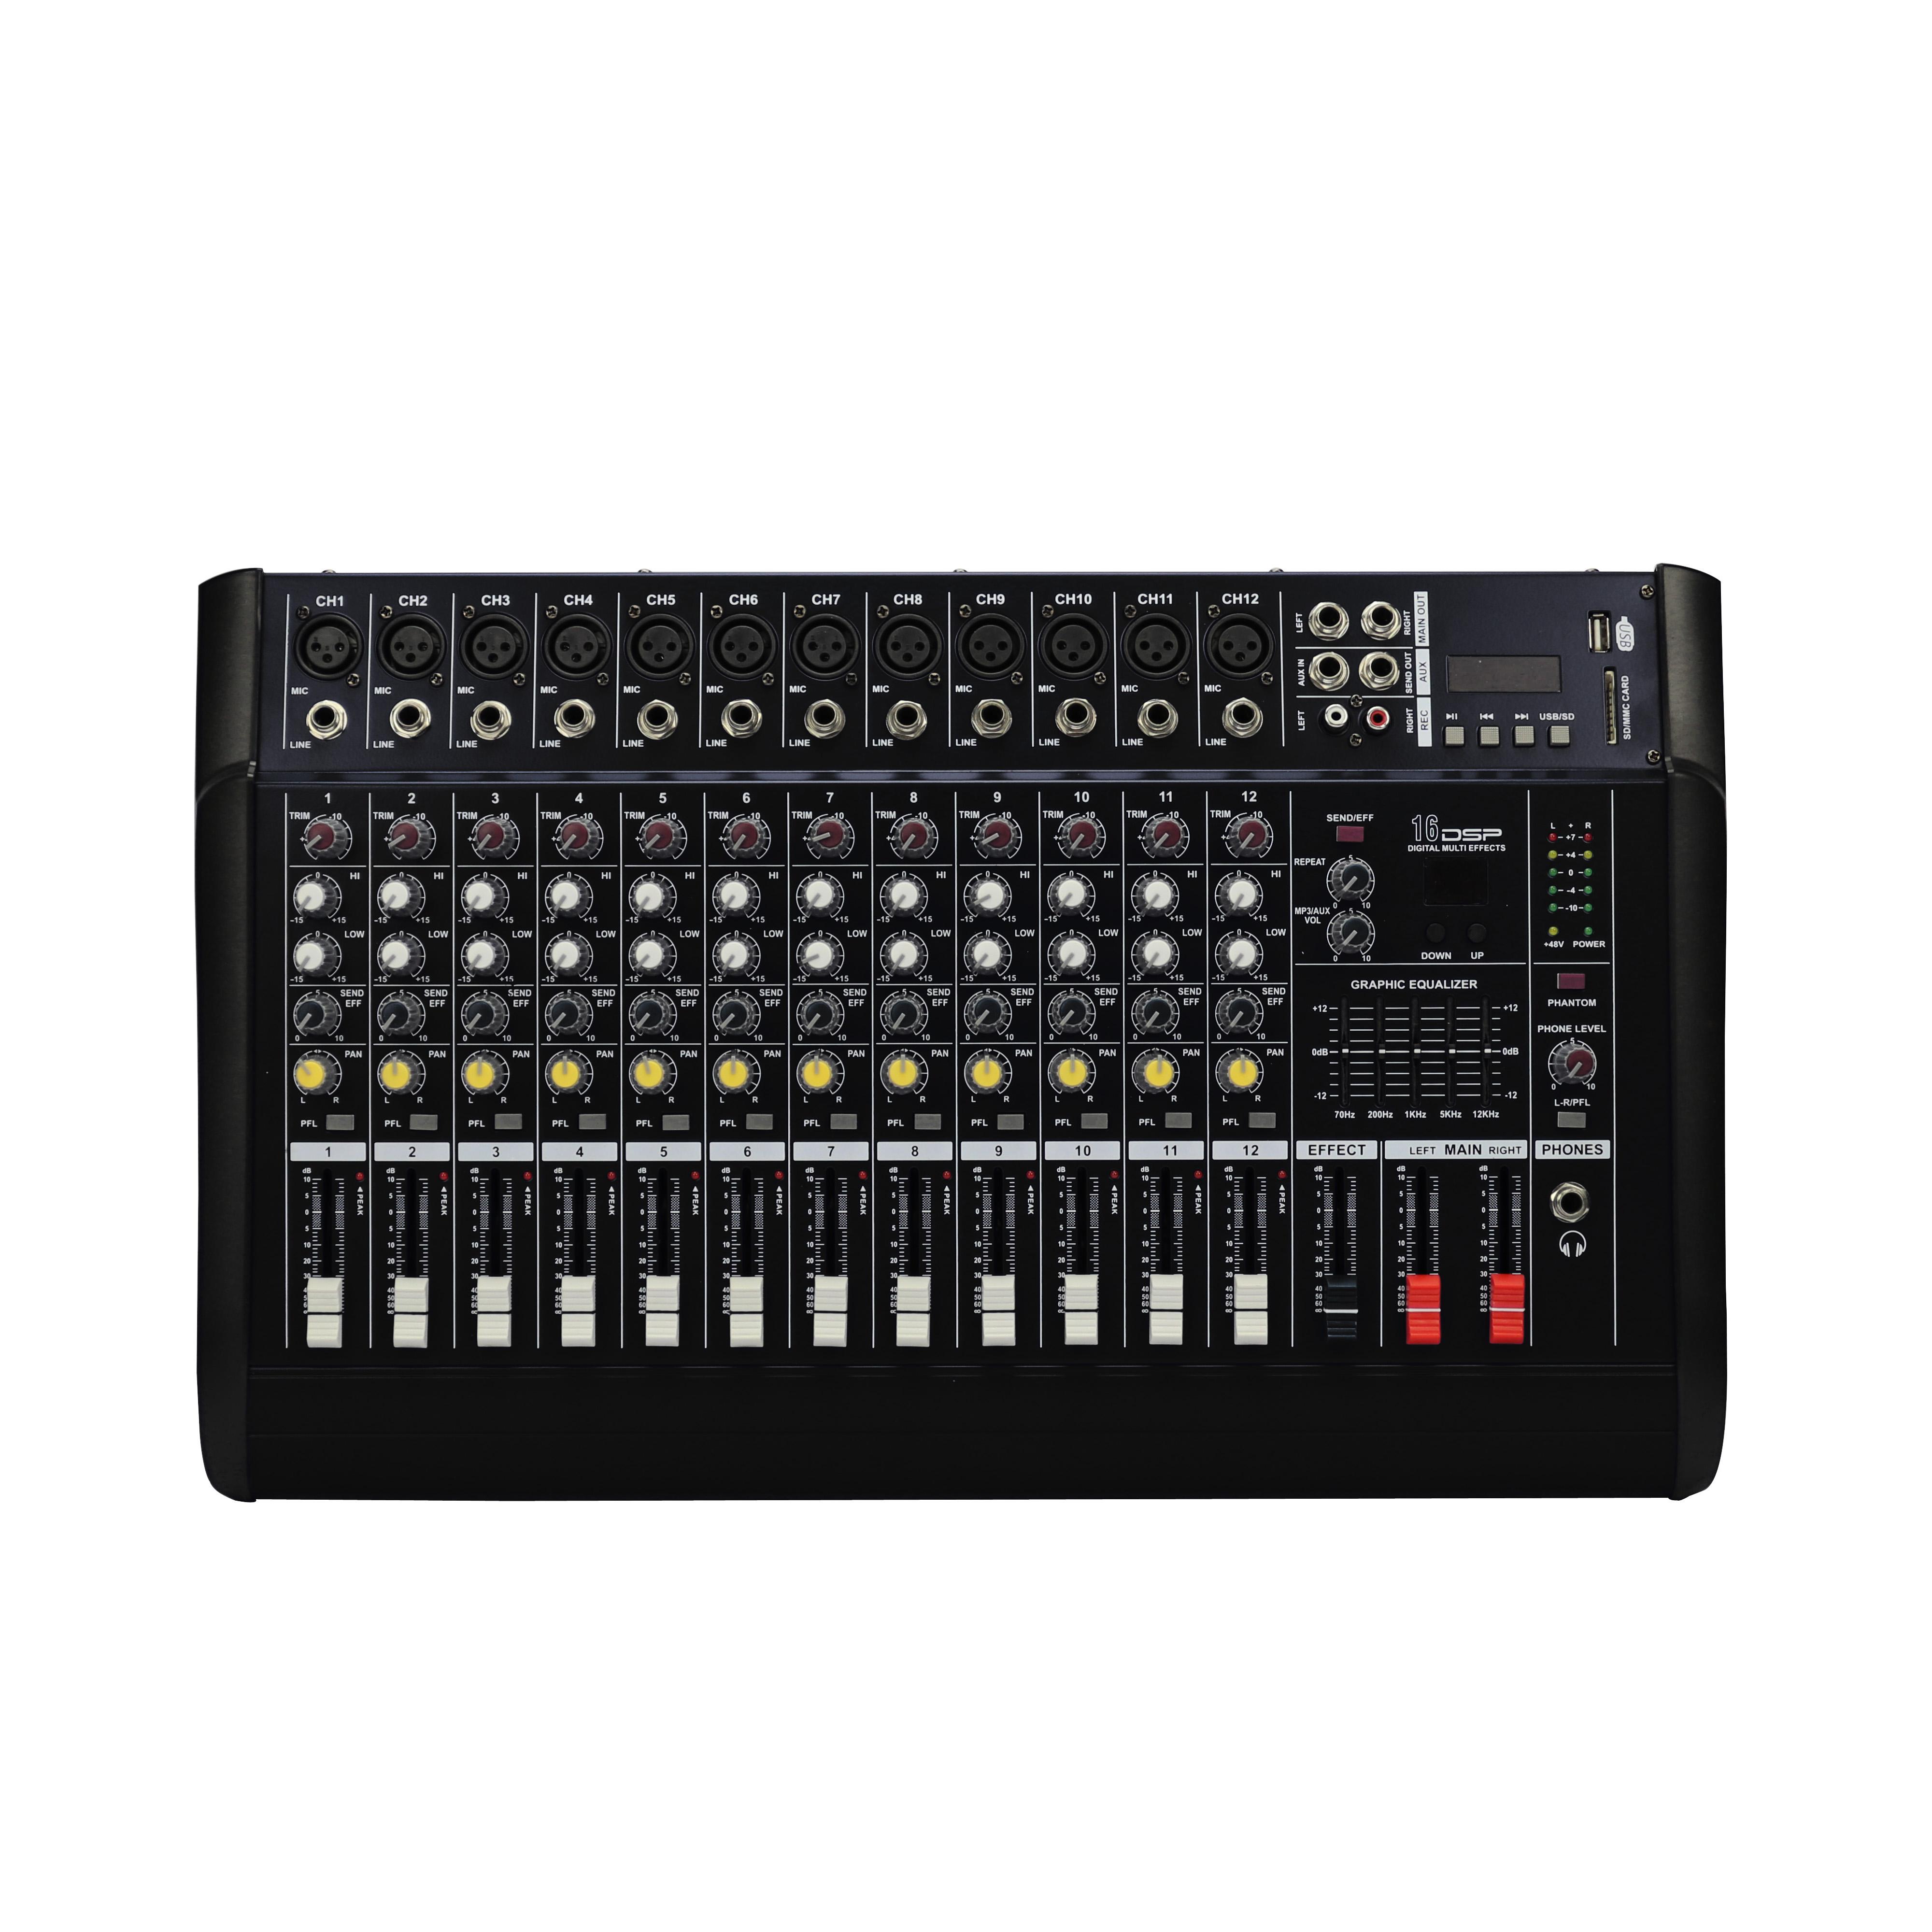 Consolas de sonido potenciadas con reproductor de MP3 vía USB, Bluetooth, efectos y excelente calidad de sonido.